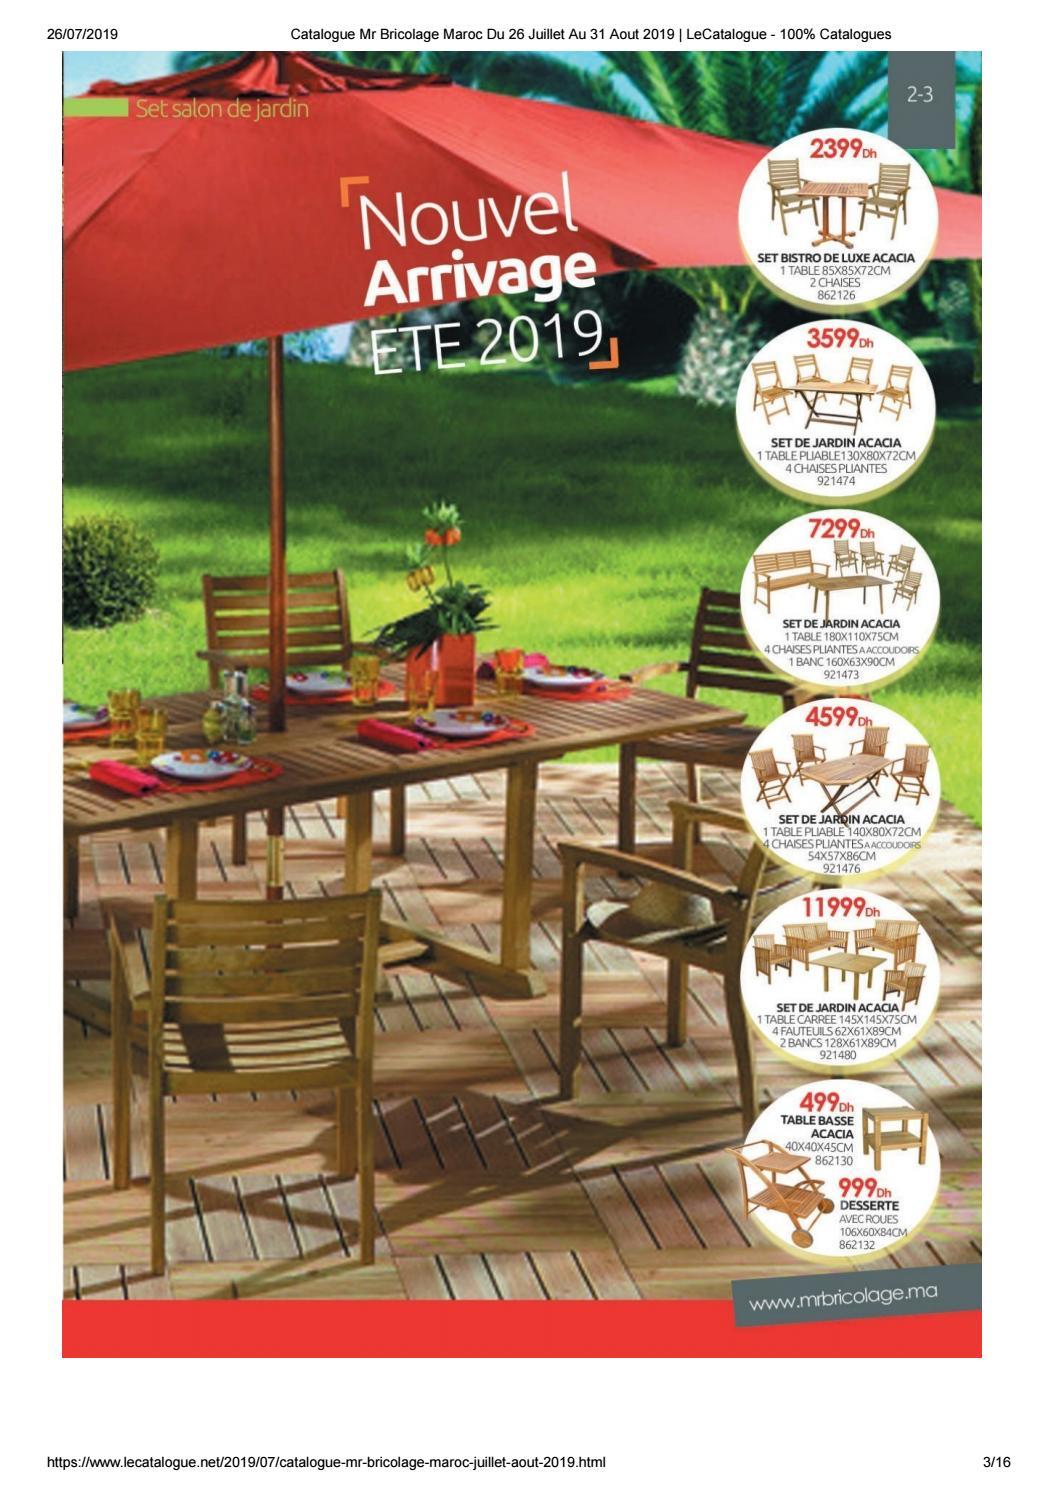 Promotion Set De Jardin Acacia pour Mr Bricolage Piscine